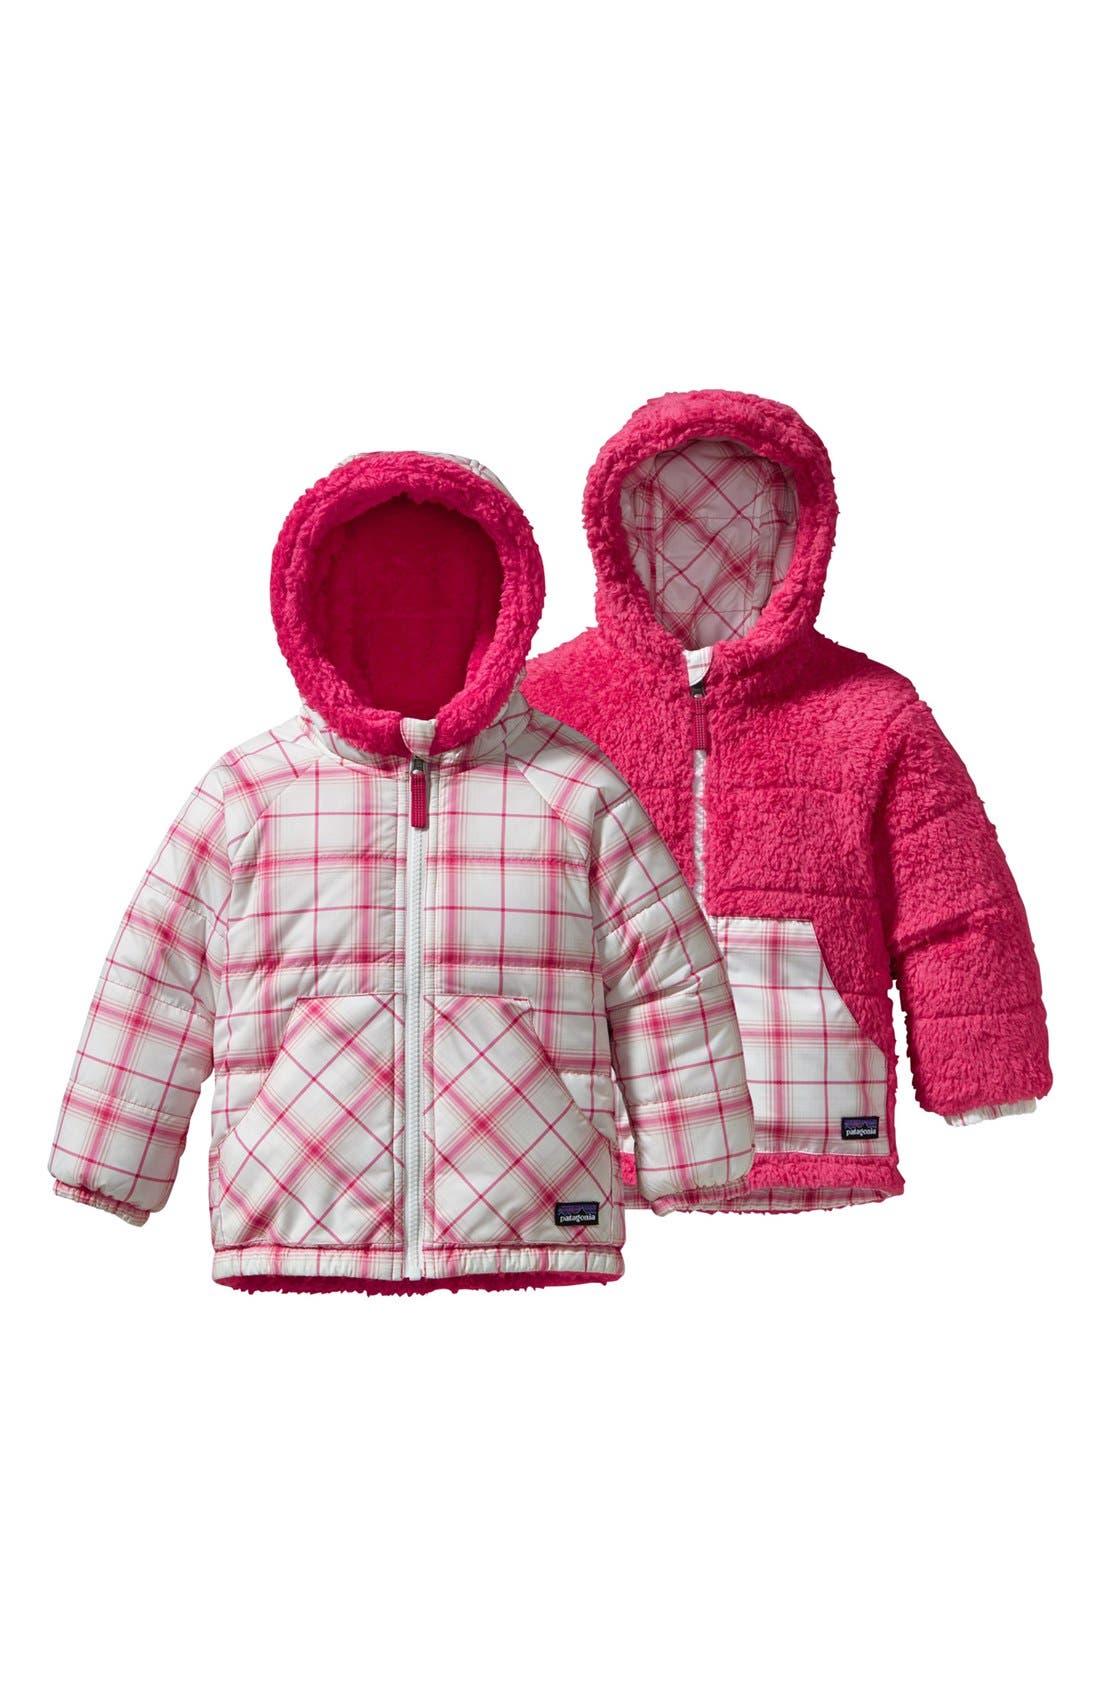 Main Image - Patagonia 'Tribbles' Reversible Jacket (Toddler Girls)